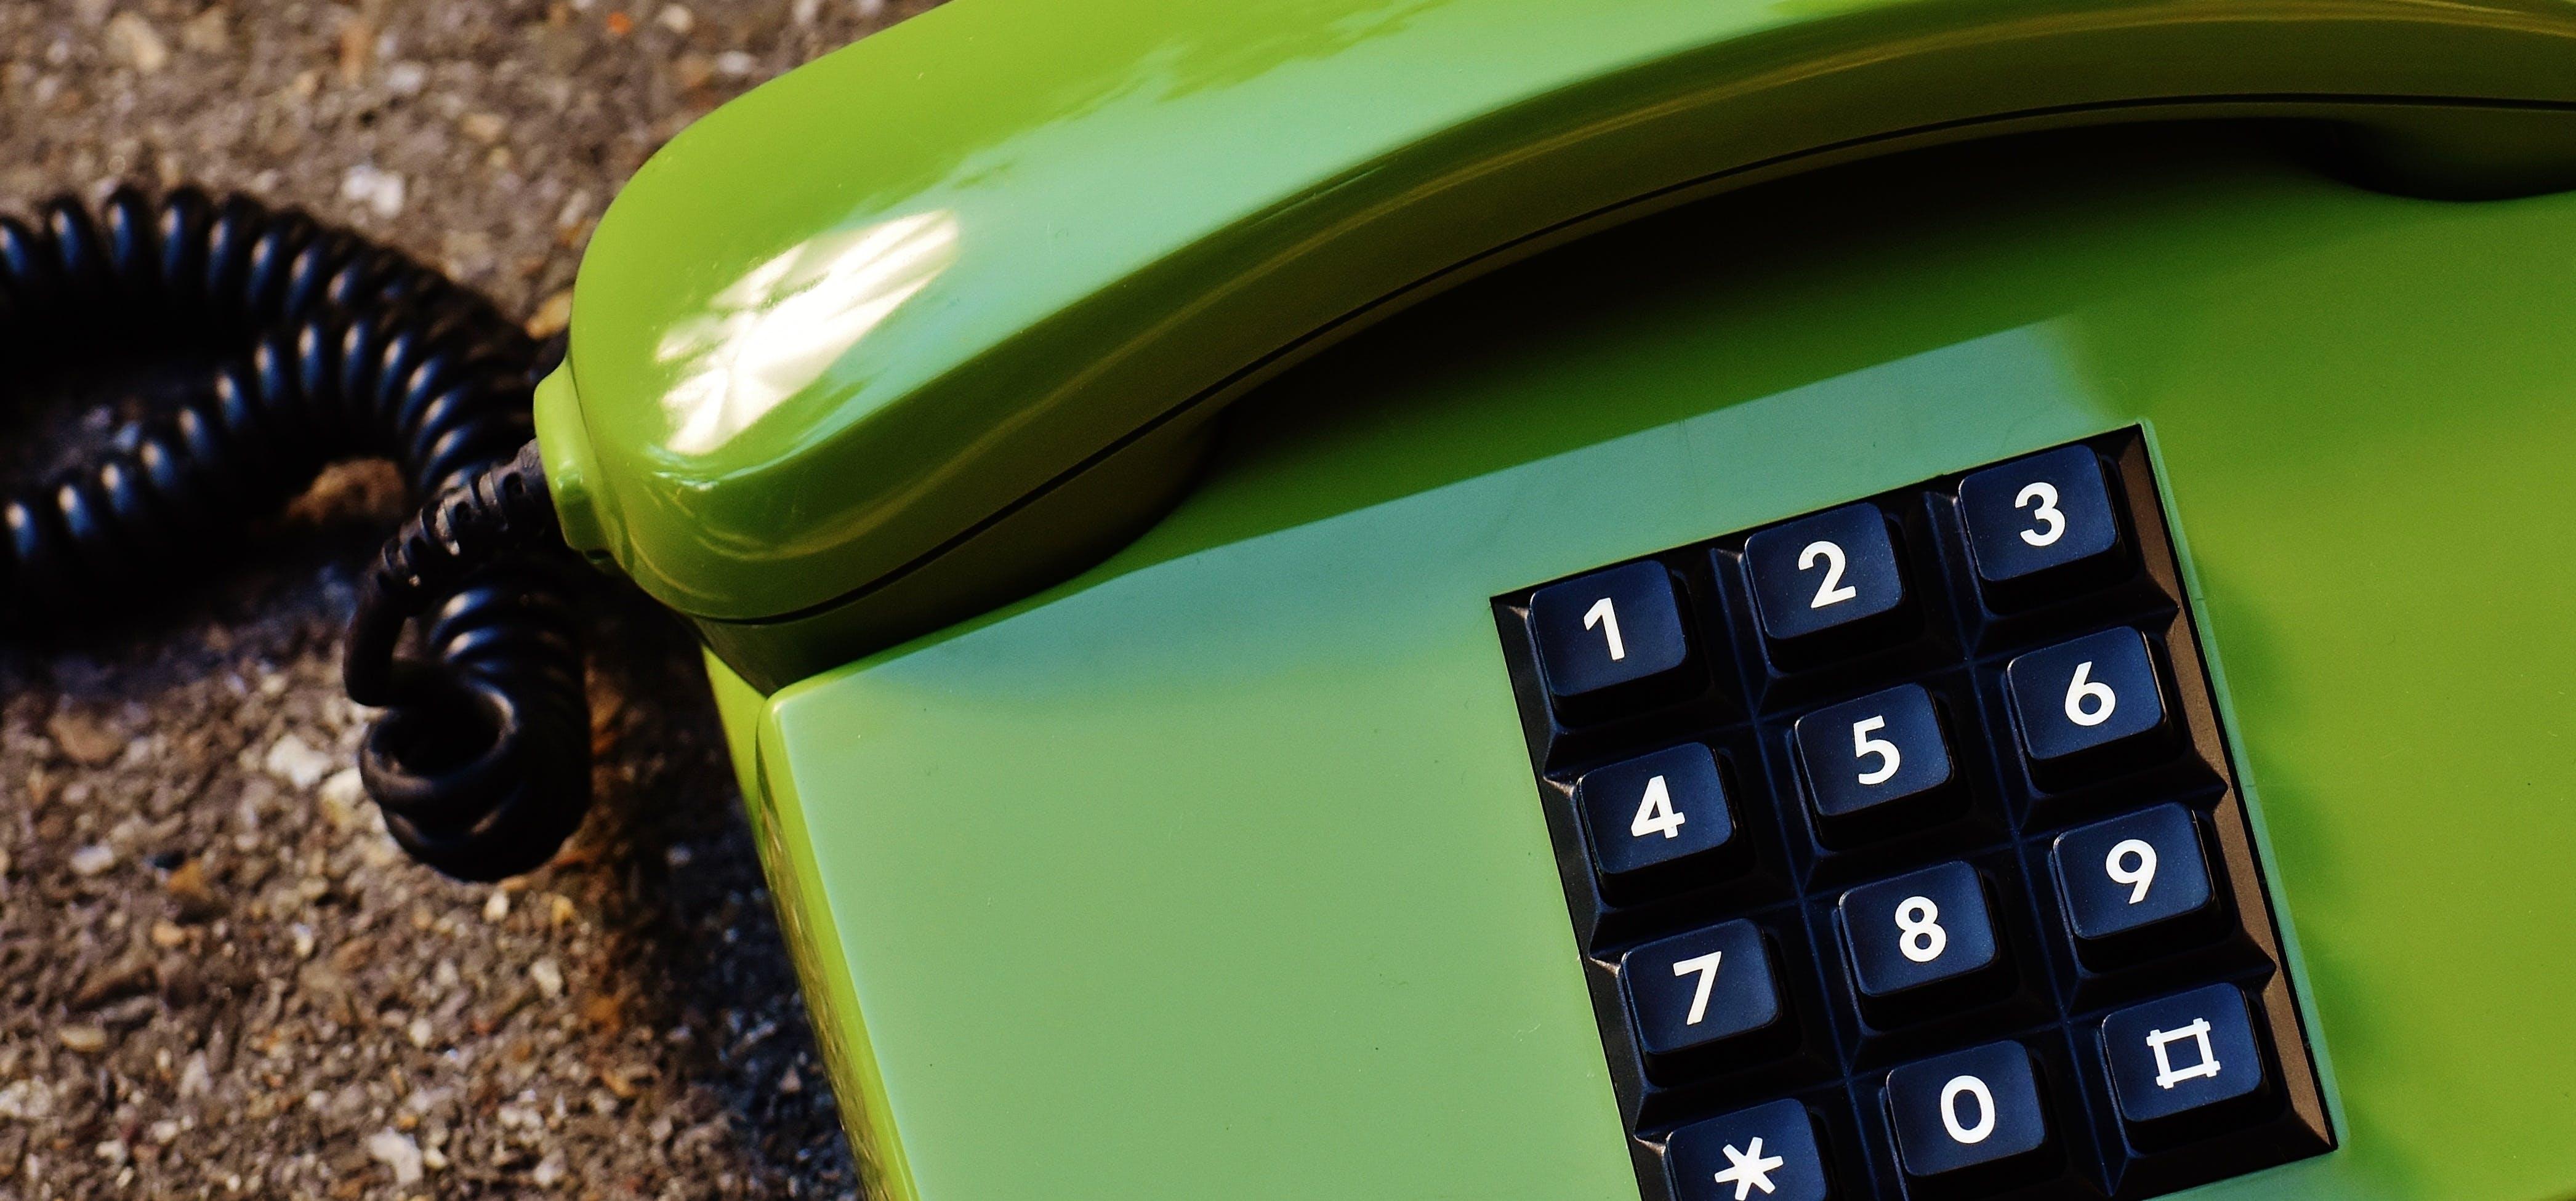 Green Black Telephone